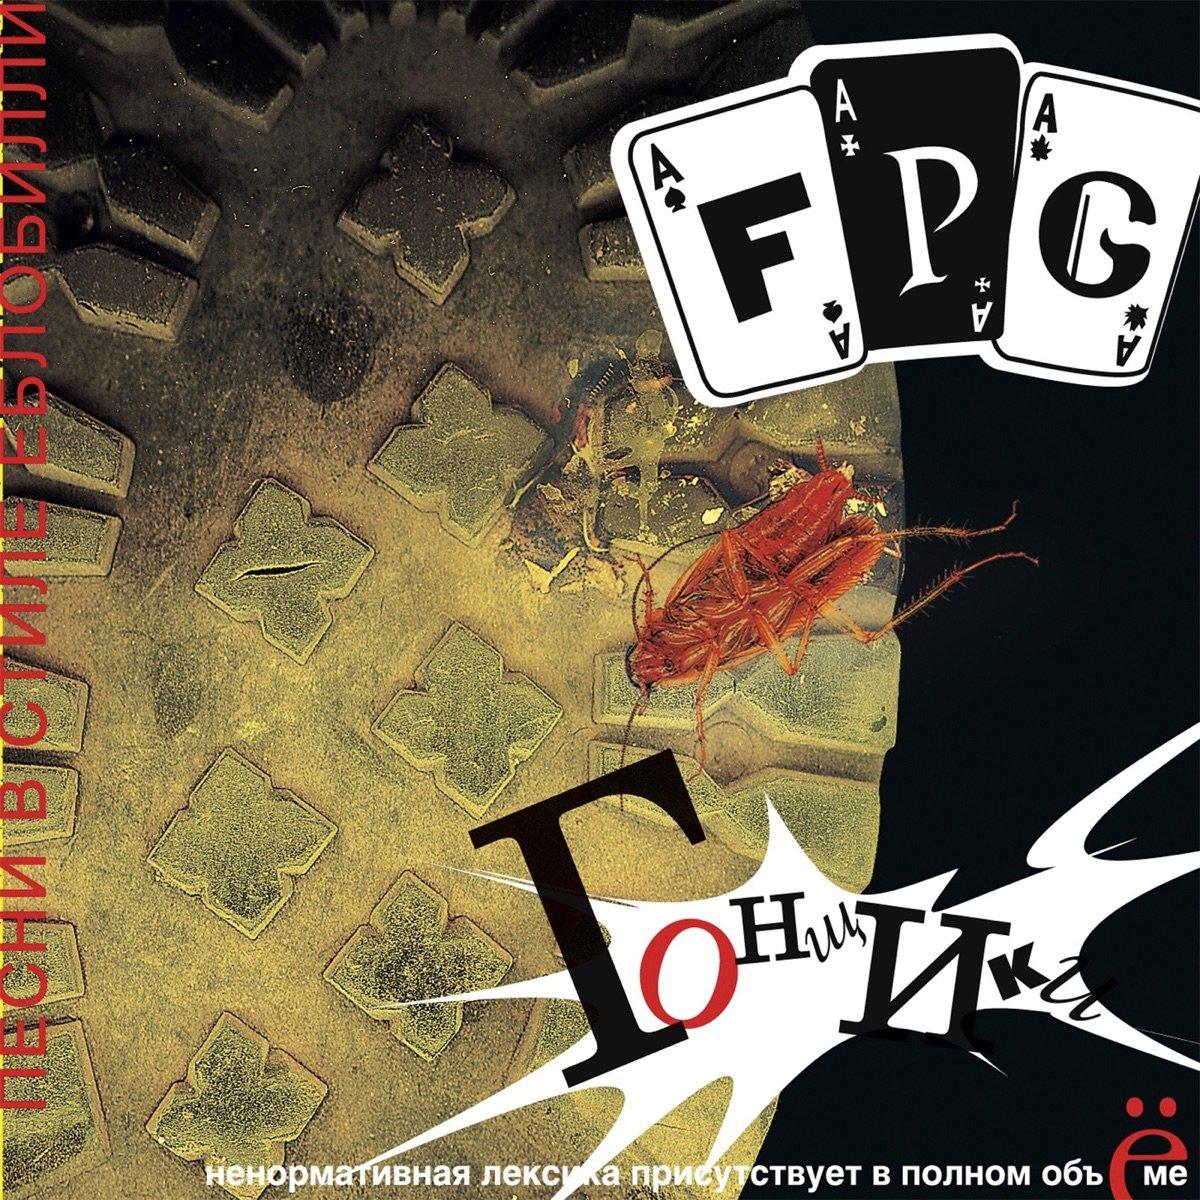 F.P.G. album Гонщики